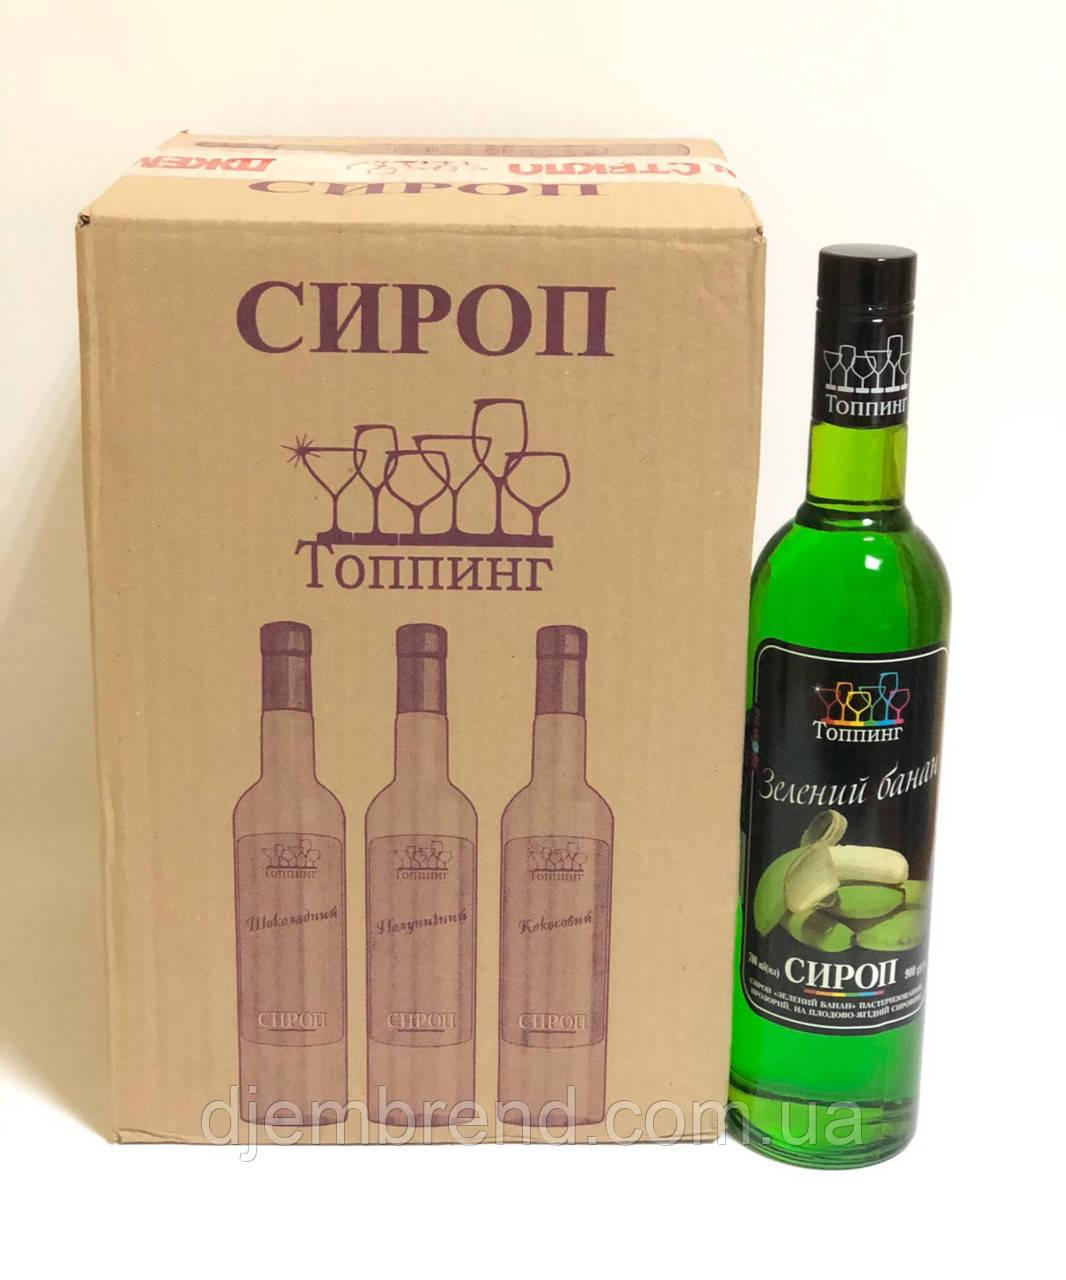 Сироп для коктейлей Зеленый Банан ТМ Топпинг в коробке 9 шт. Цена 59 грн/шт.